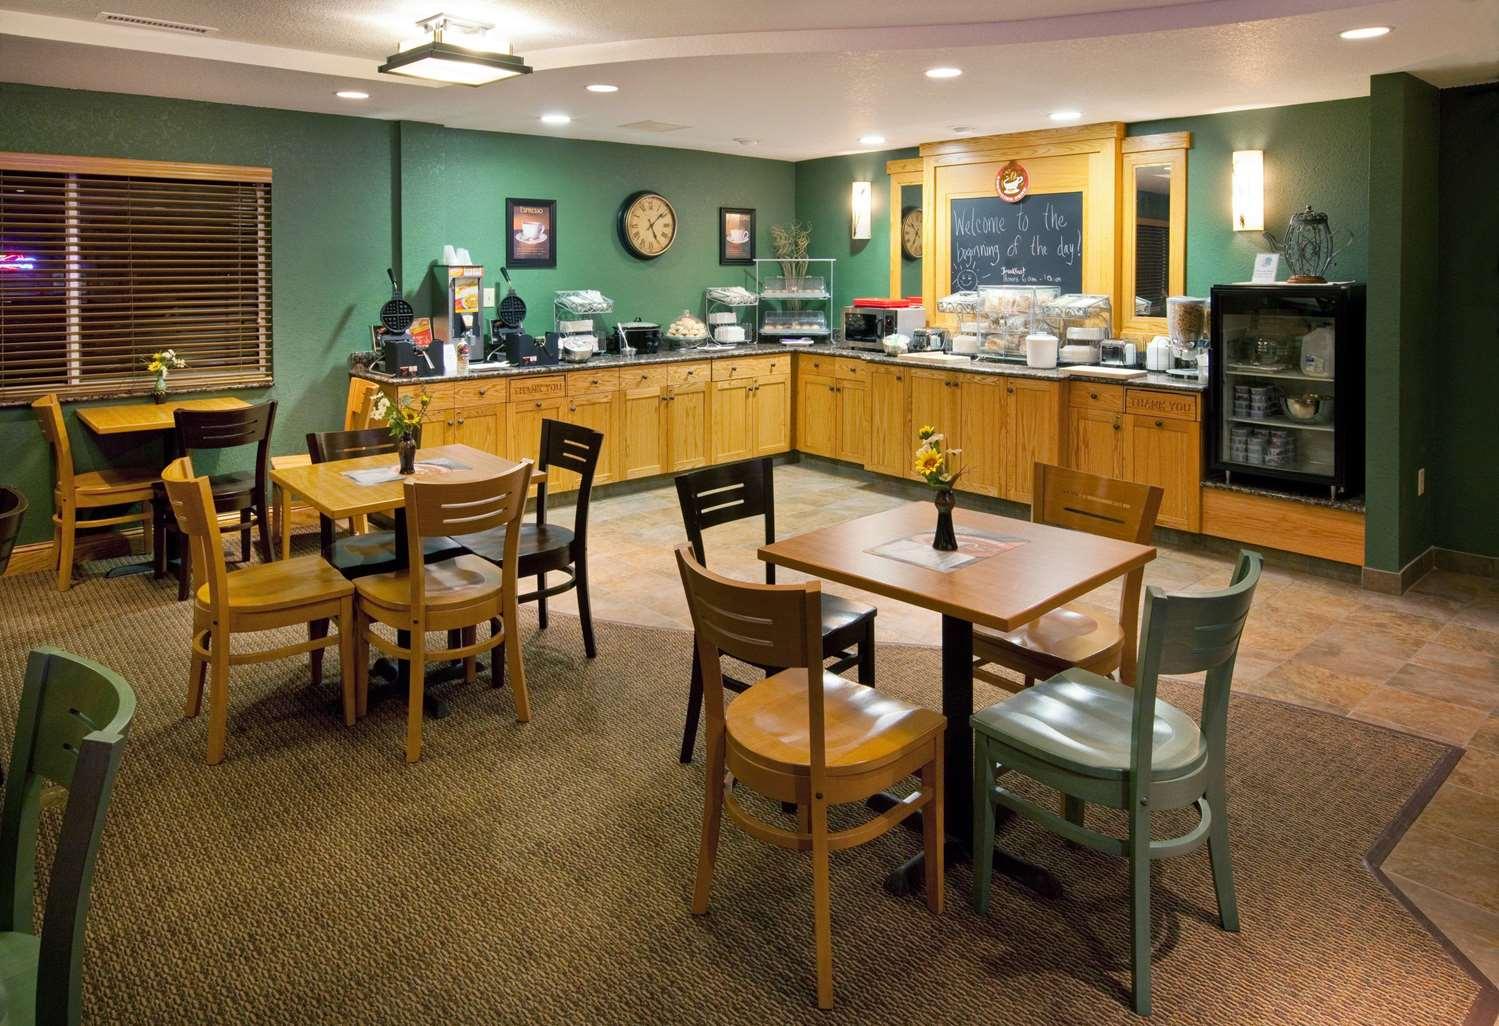 proam - AmericInn Lodge & Suites Anamosa